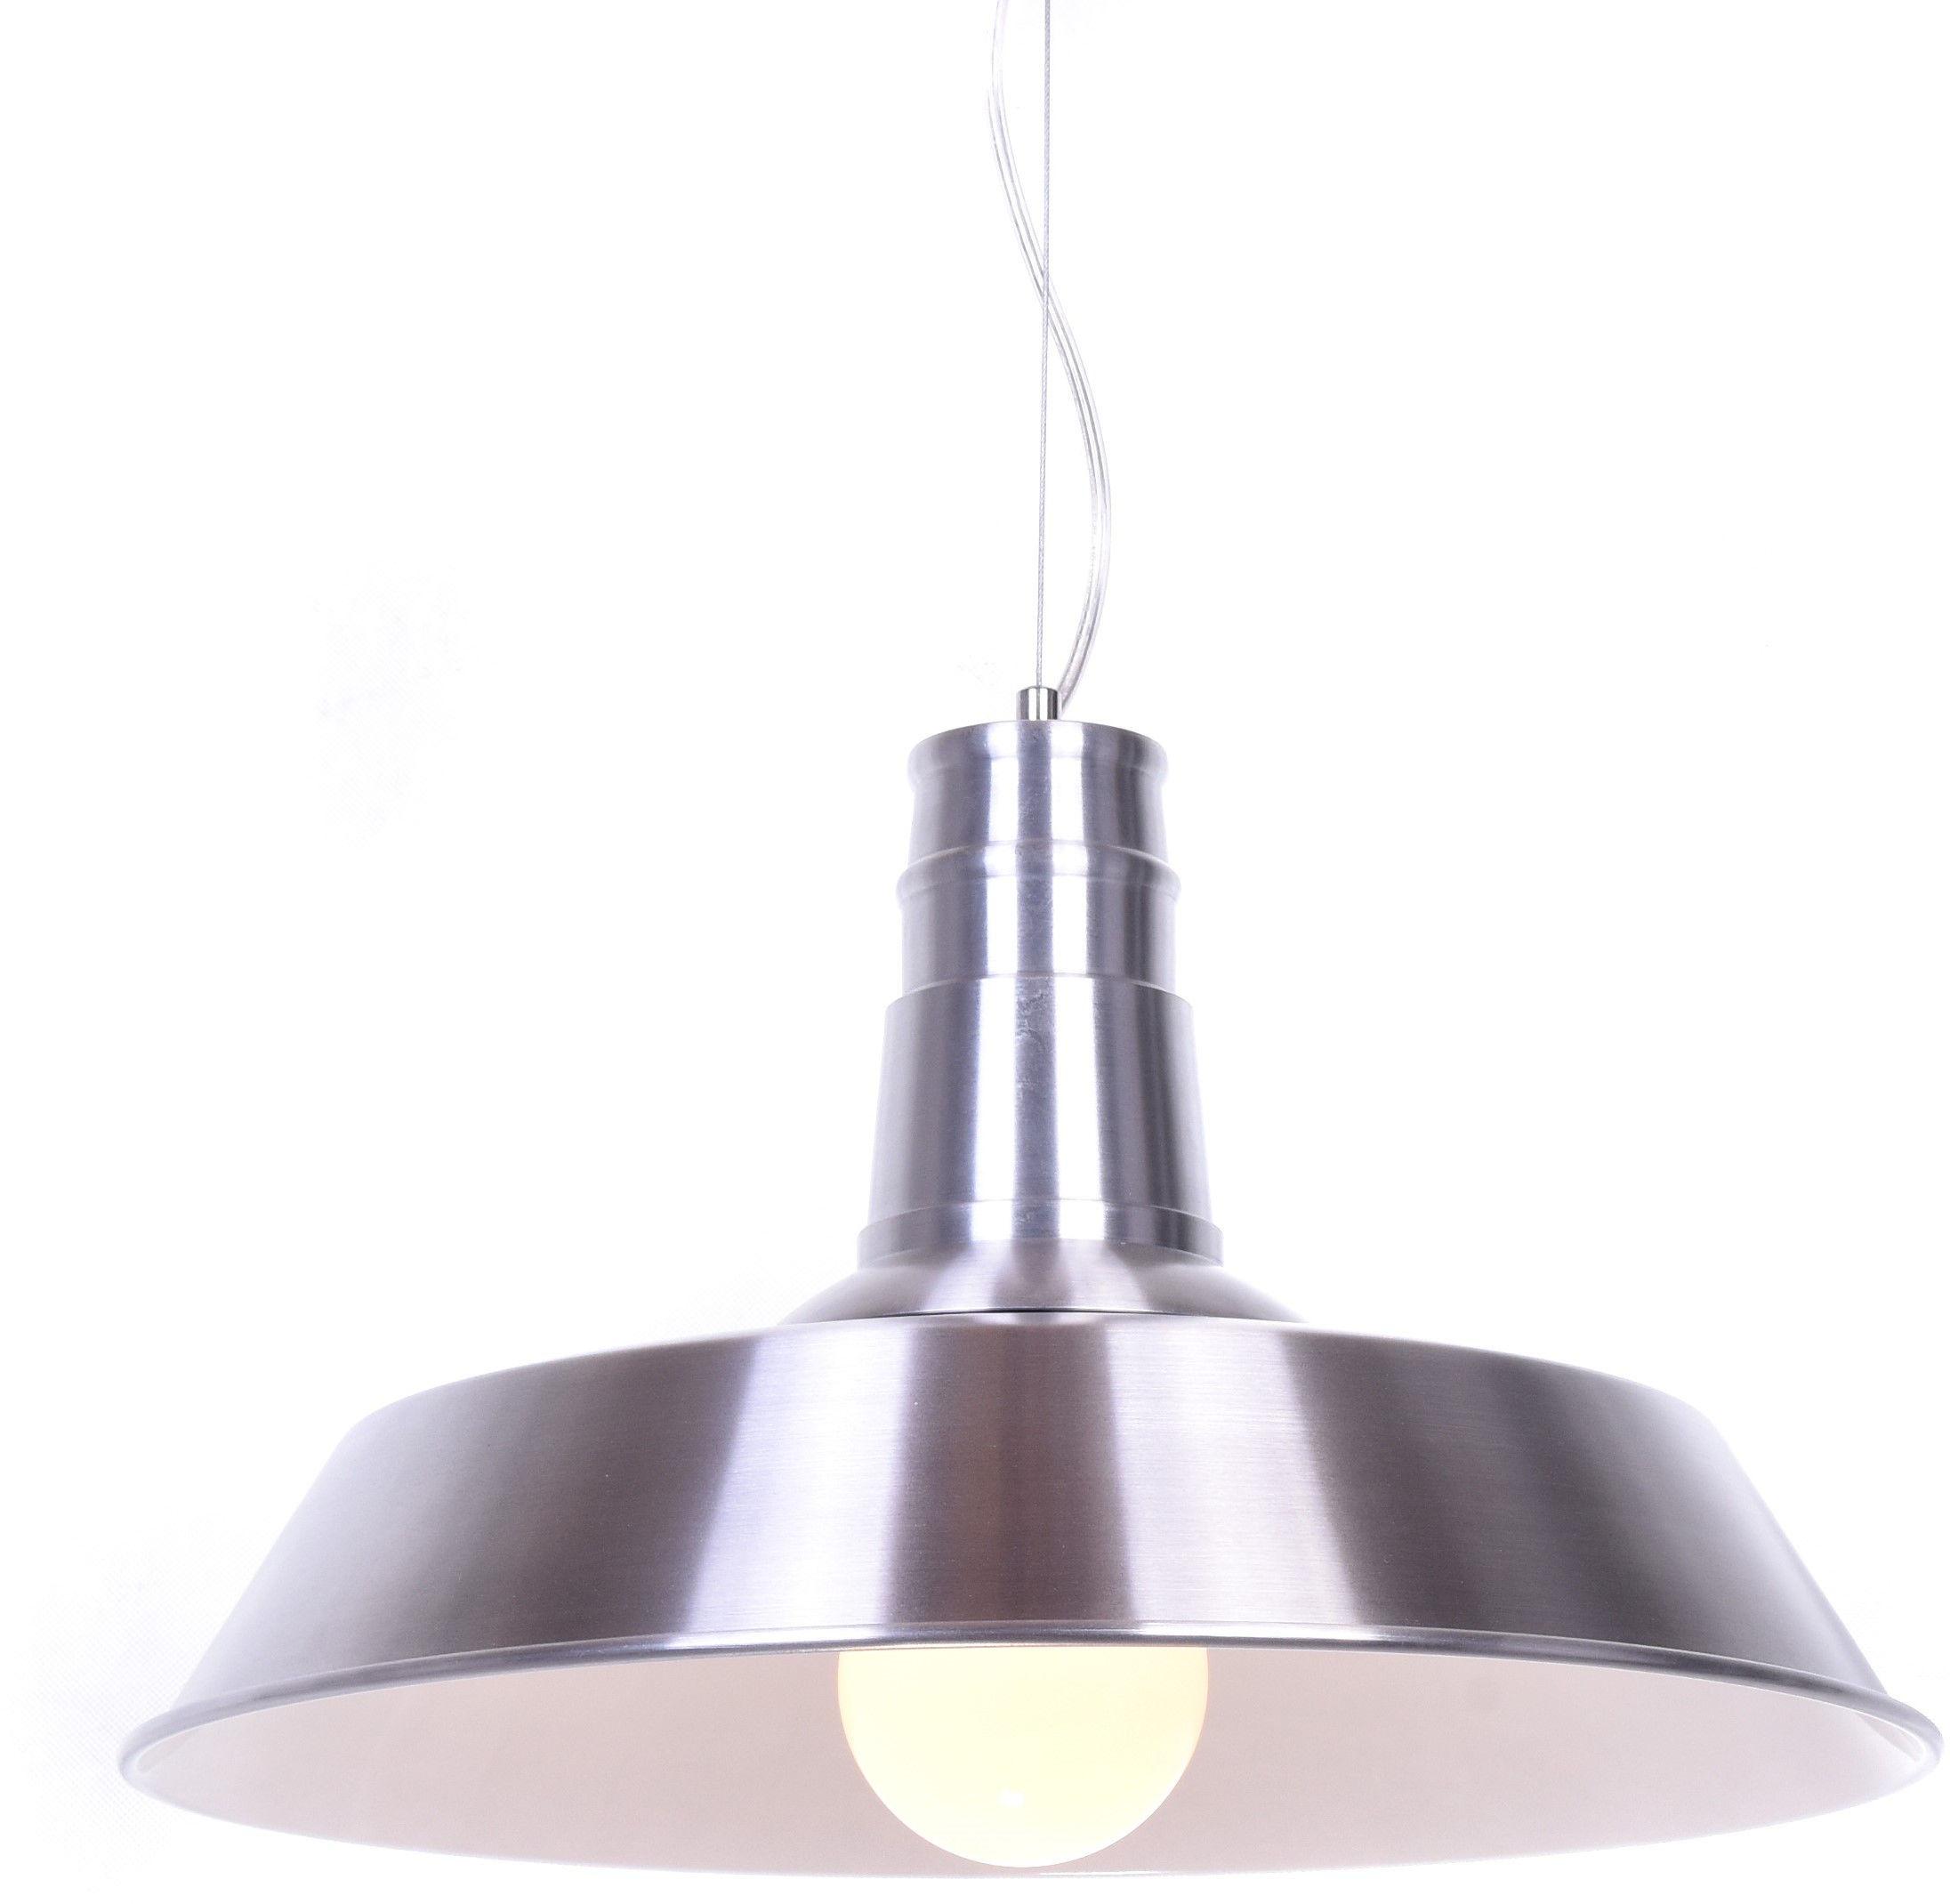 LAMPA WISZĄCA INDUSTRIALNA SREBRNA SAGGI